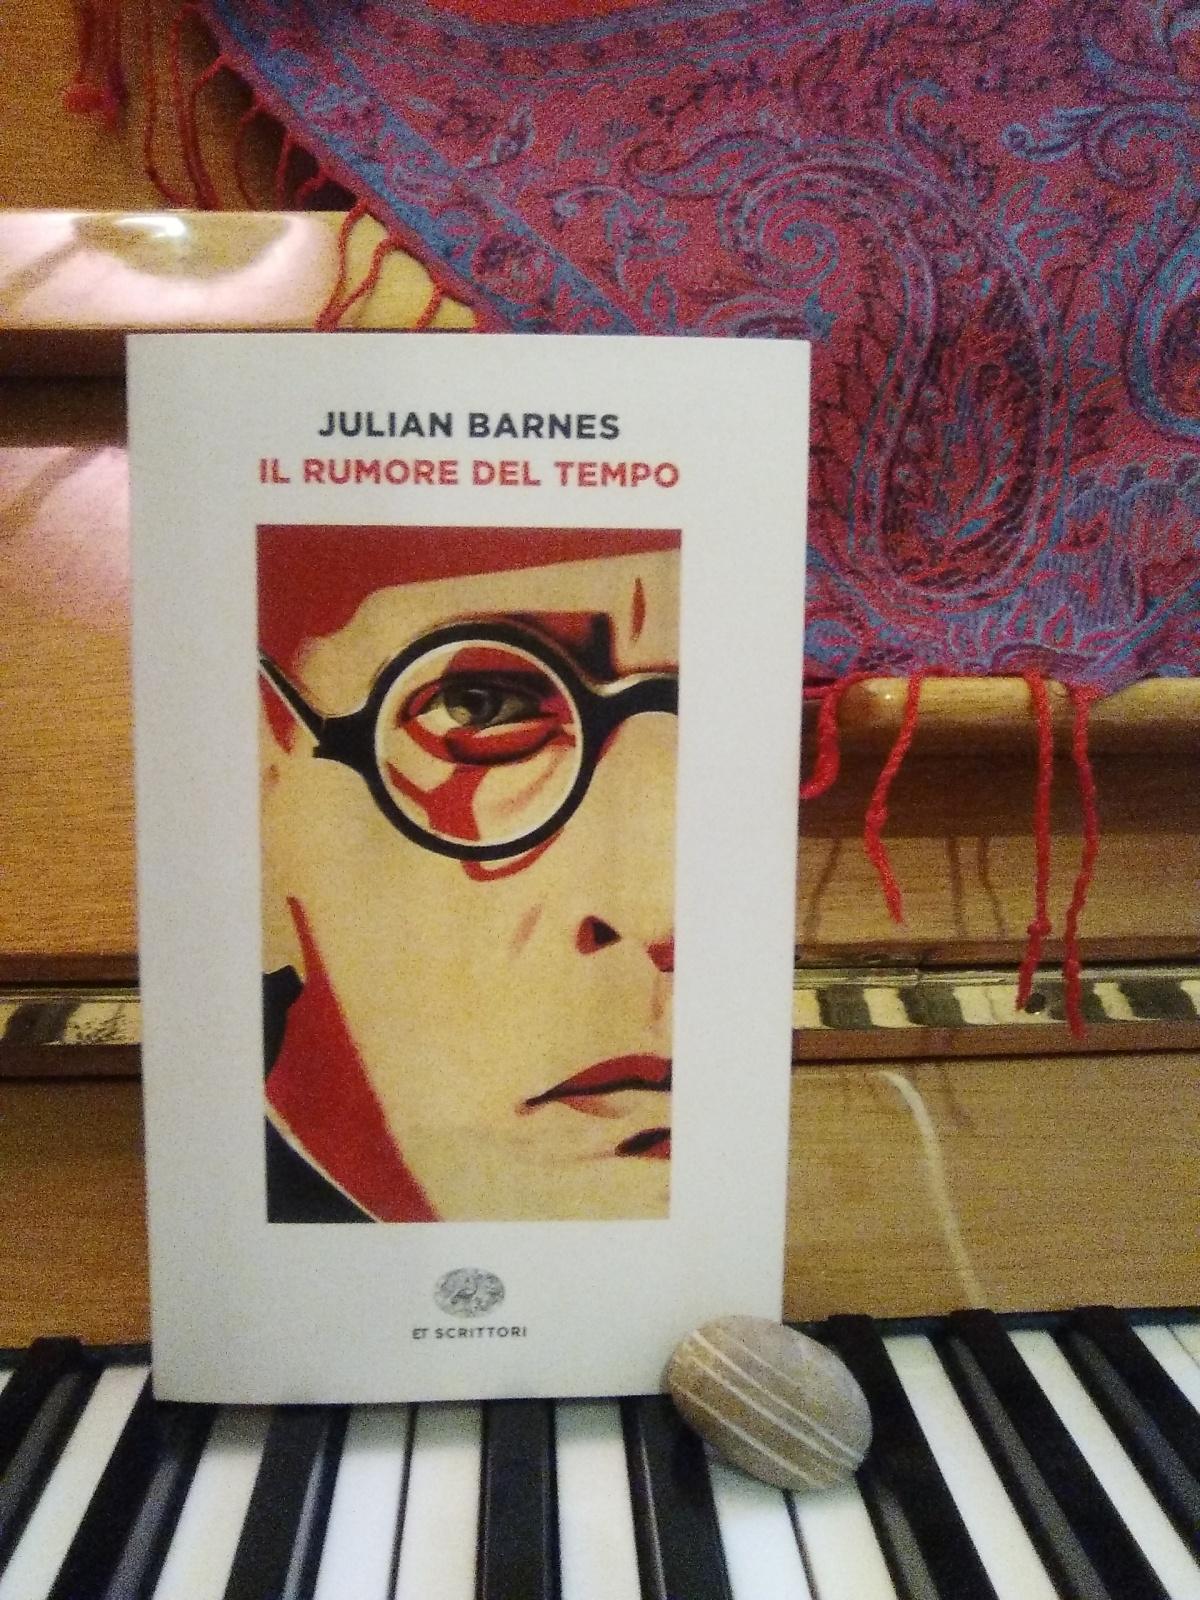 """Julian Barnes, Il rumore del tempo. """"L'arte è il mormorio della storia, udibile al di là del rumore deltempo"""""""